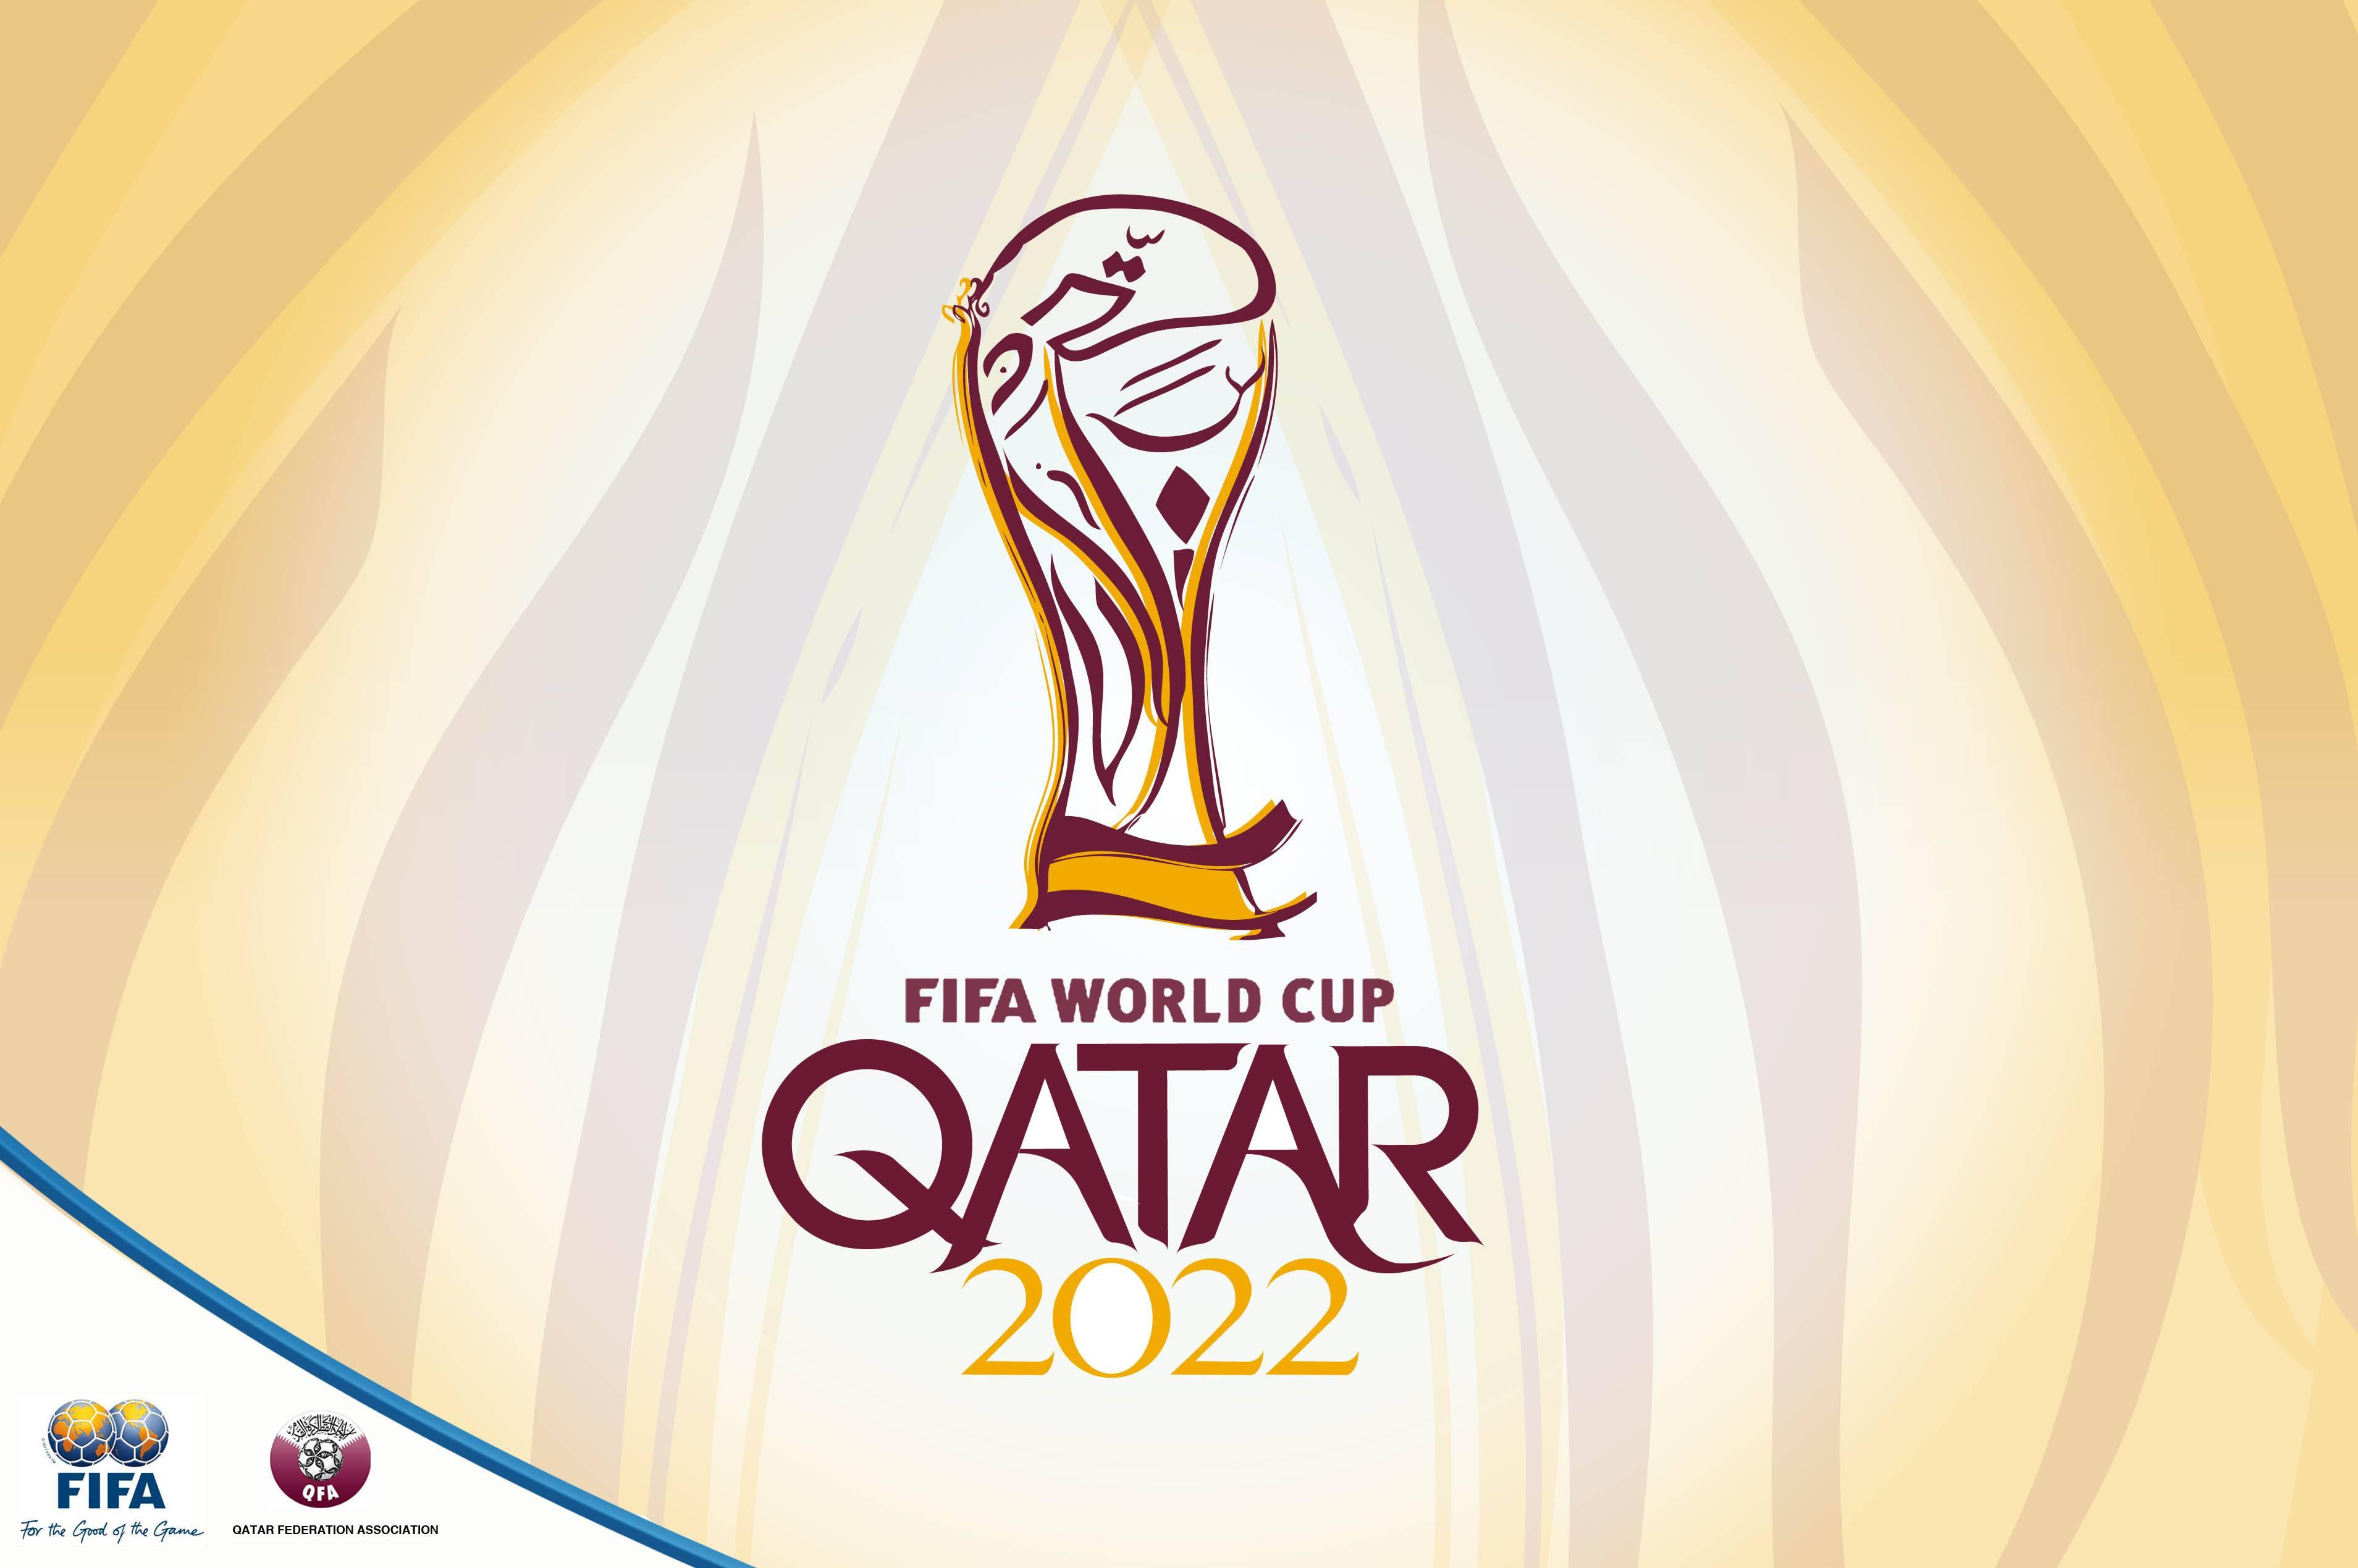 2022年卡塔尔世界杯会徽终于出炉